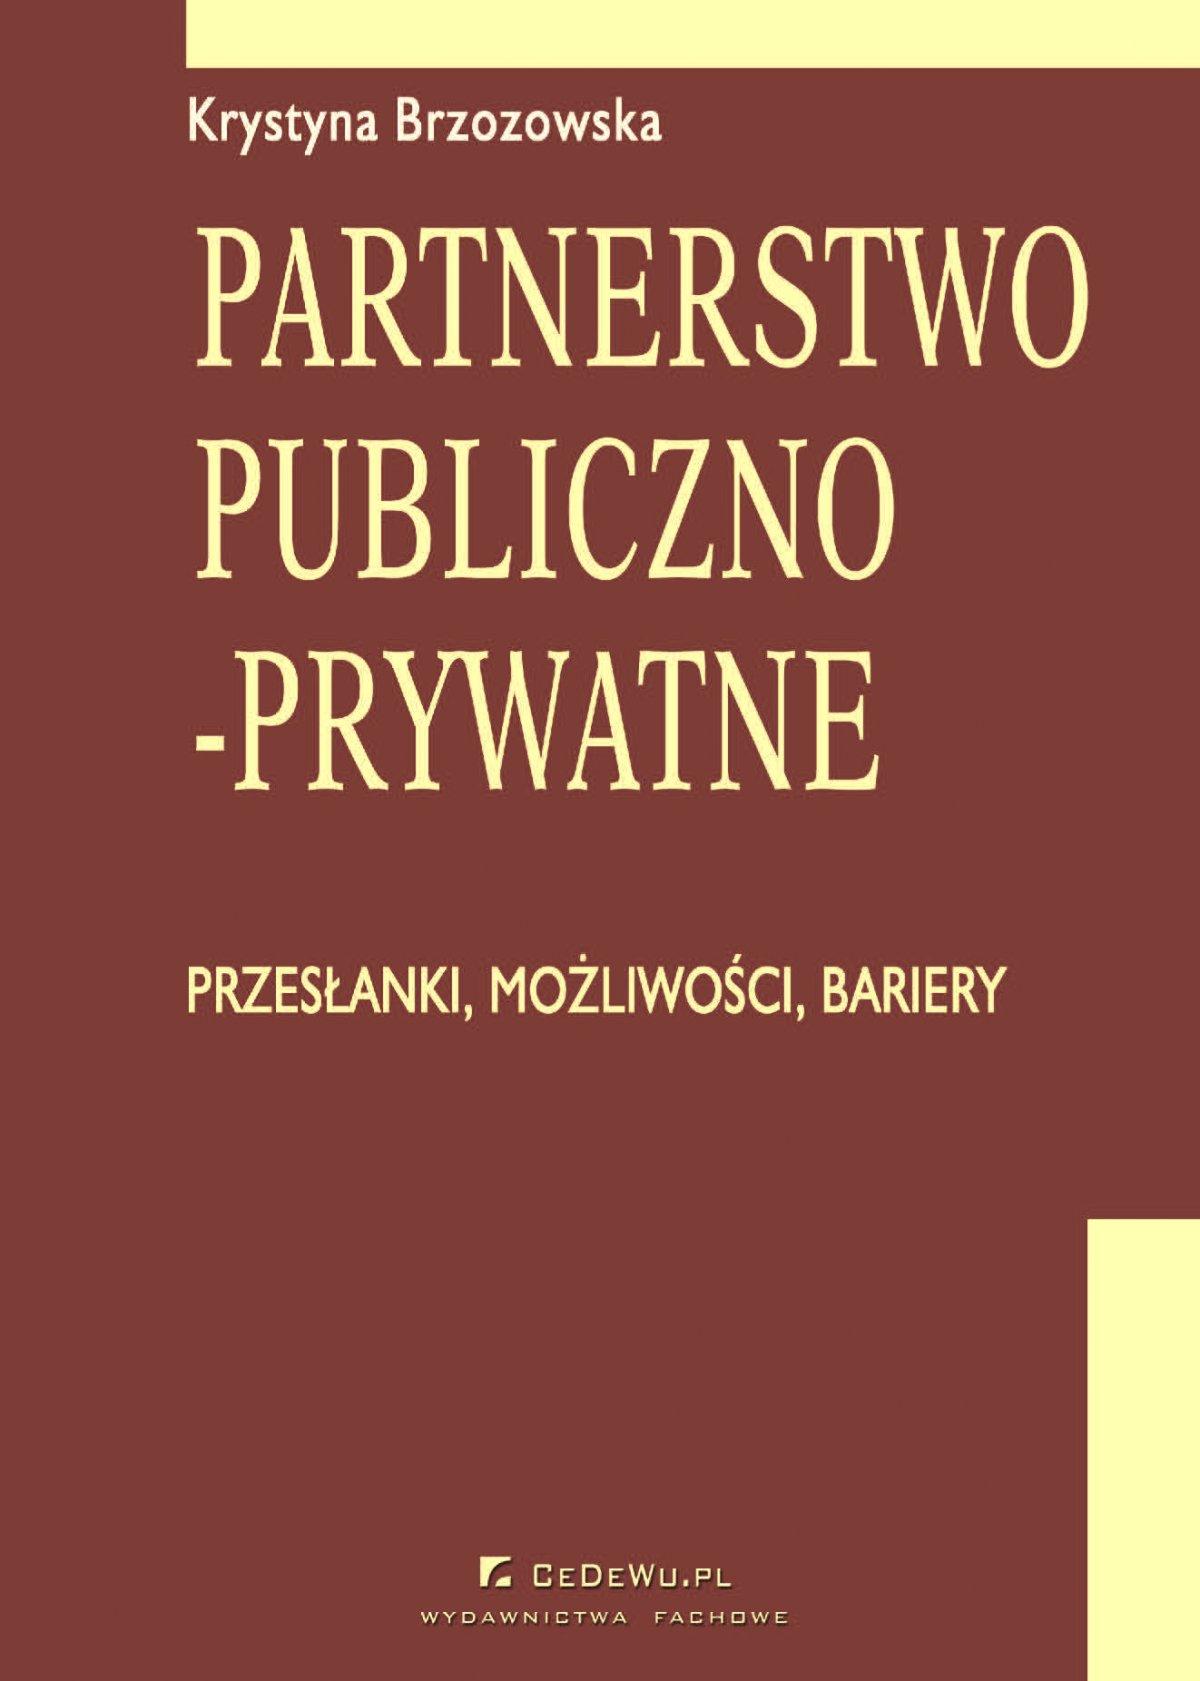 Partnerstwo publiczno-prywatne. Przesłanki, możliwości, bariery. Rozdział 13. Ustawa o partnerstwie publiczno-prywatnym - Ebook (Książka PDF) do pobrania w formacie PDF